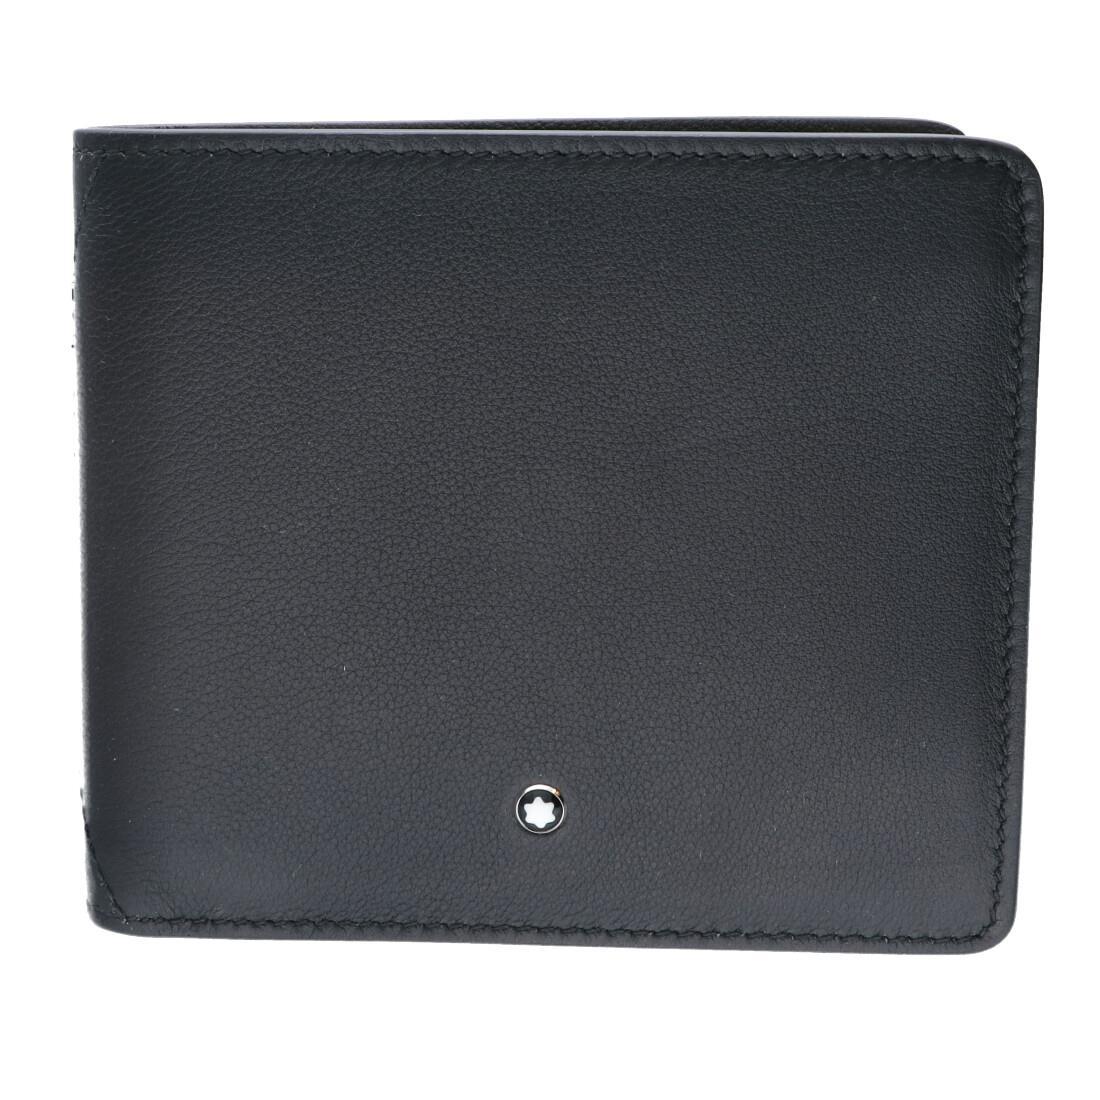 Portafoglio in pelle grigio, 4 fessure per carte di credito, 2 scomparti per banconote, scomparti per monete, 2 tasche supplementar - MONTBLANC